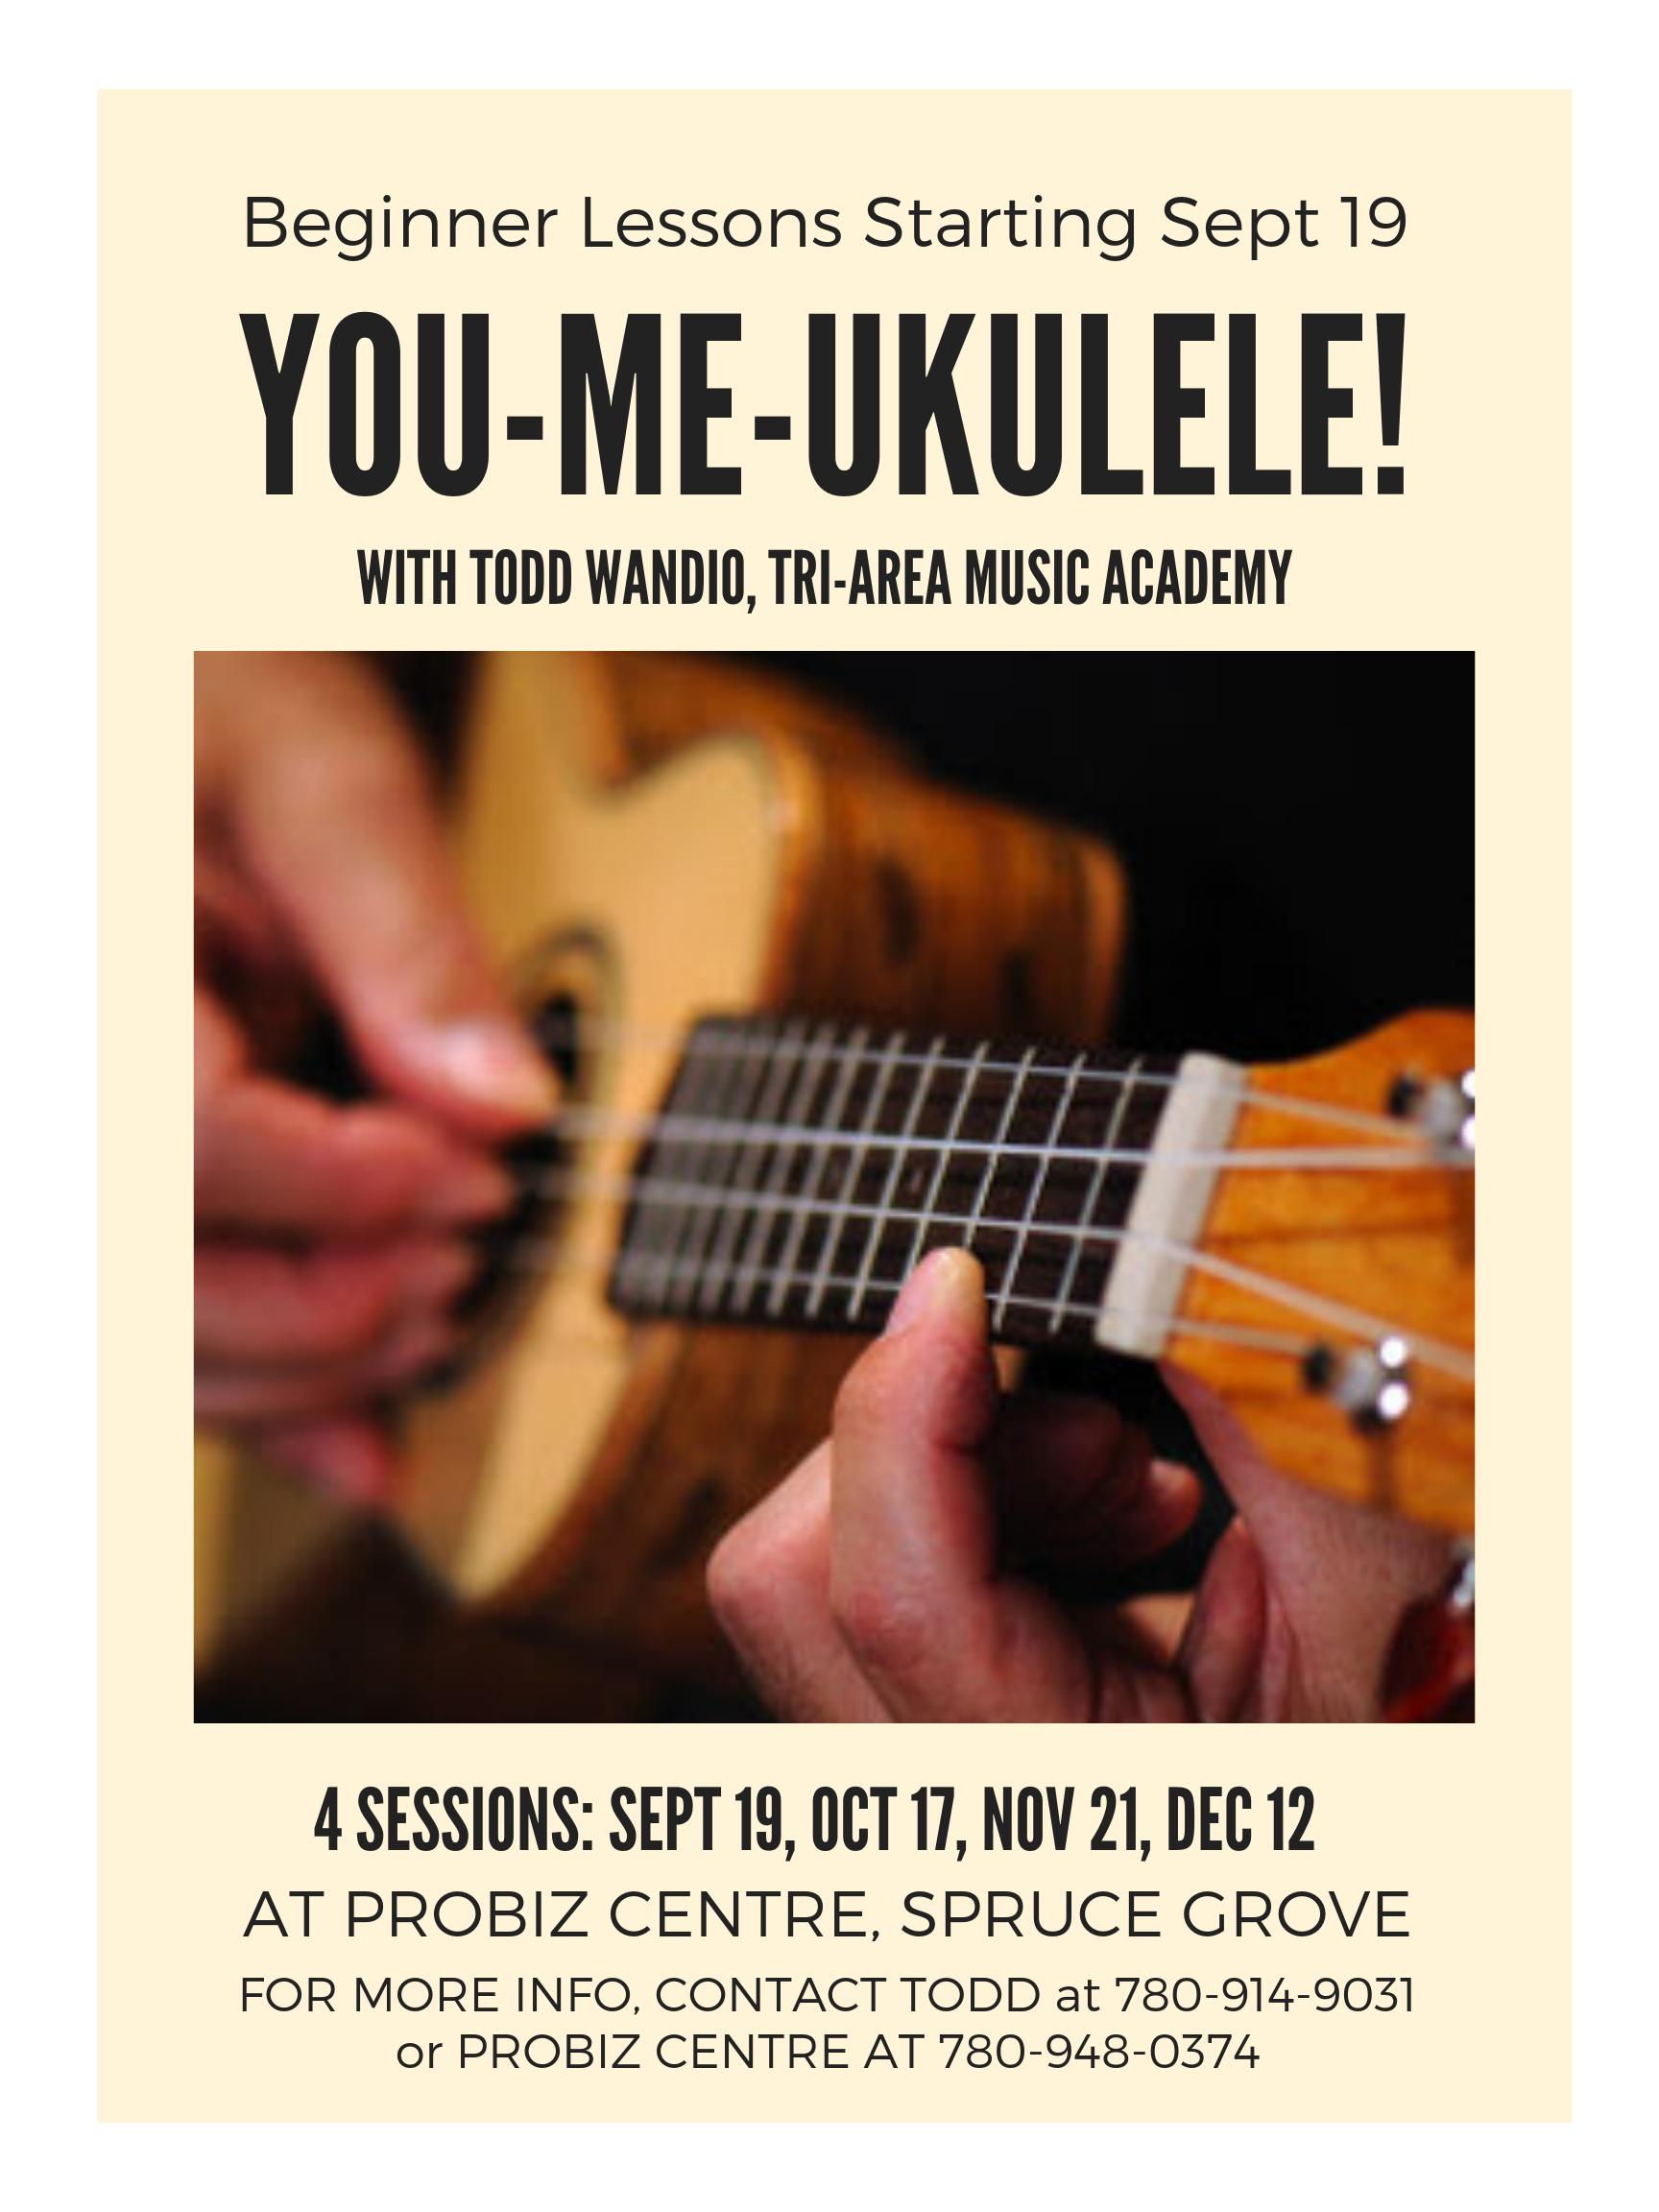 You-Me-Ukulele - Beginner Ukulele Lessons with Todd Wandio